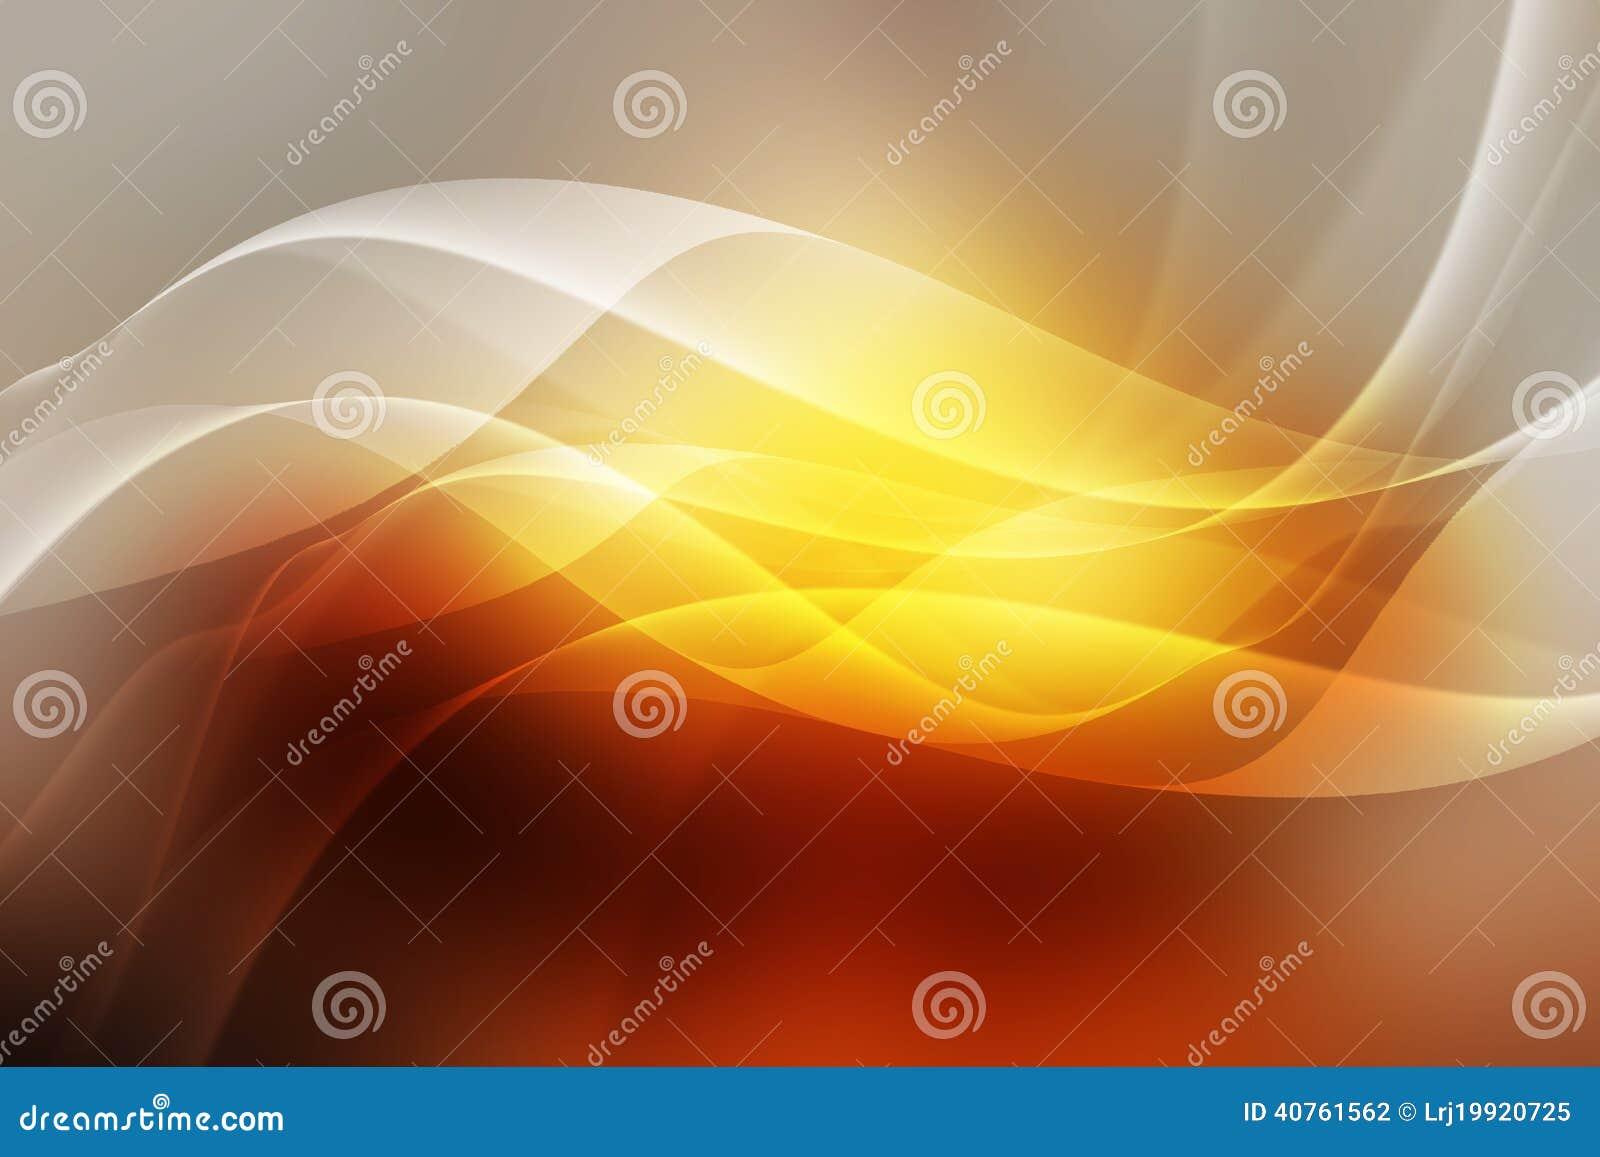 Fond orange abstrait